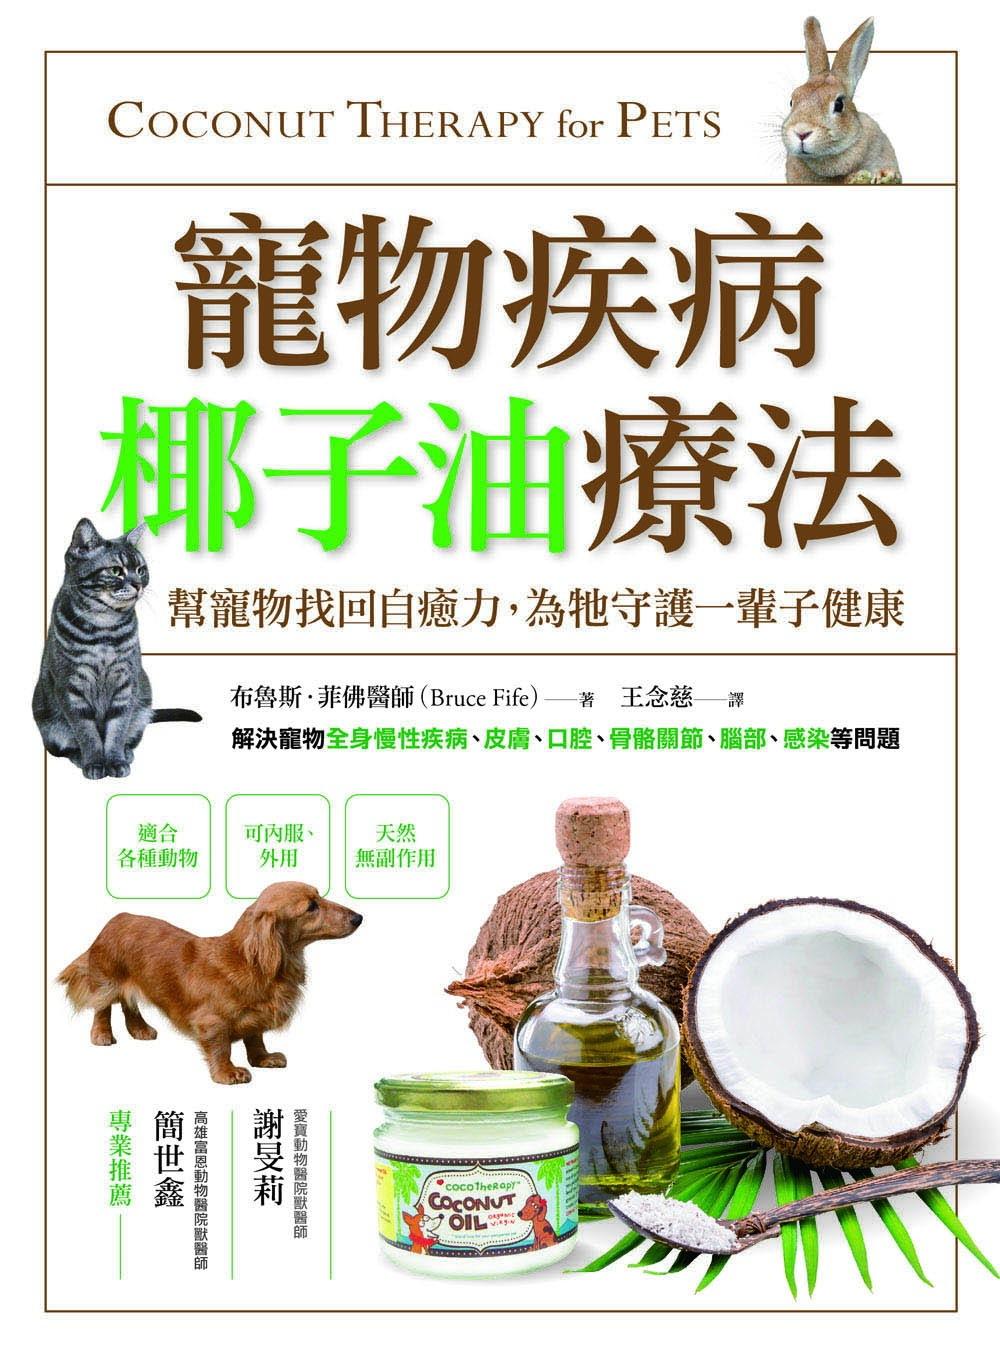 寵物疾病椰子油療法:幫寵物找回自癒力,遠離病痛不生病!